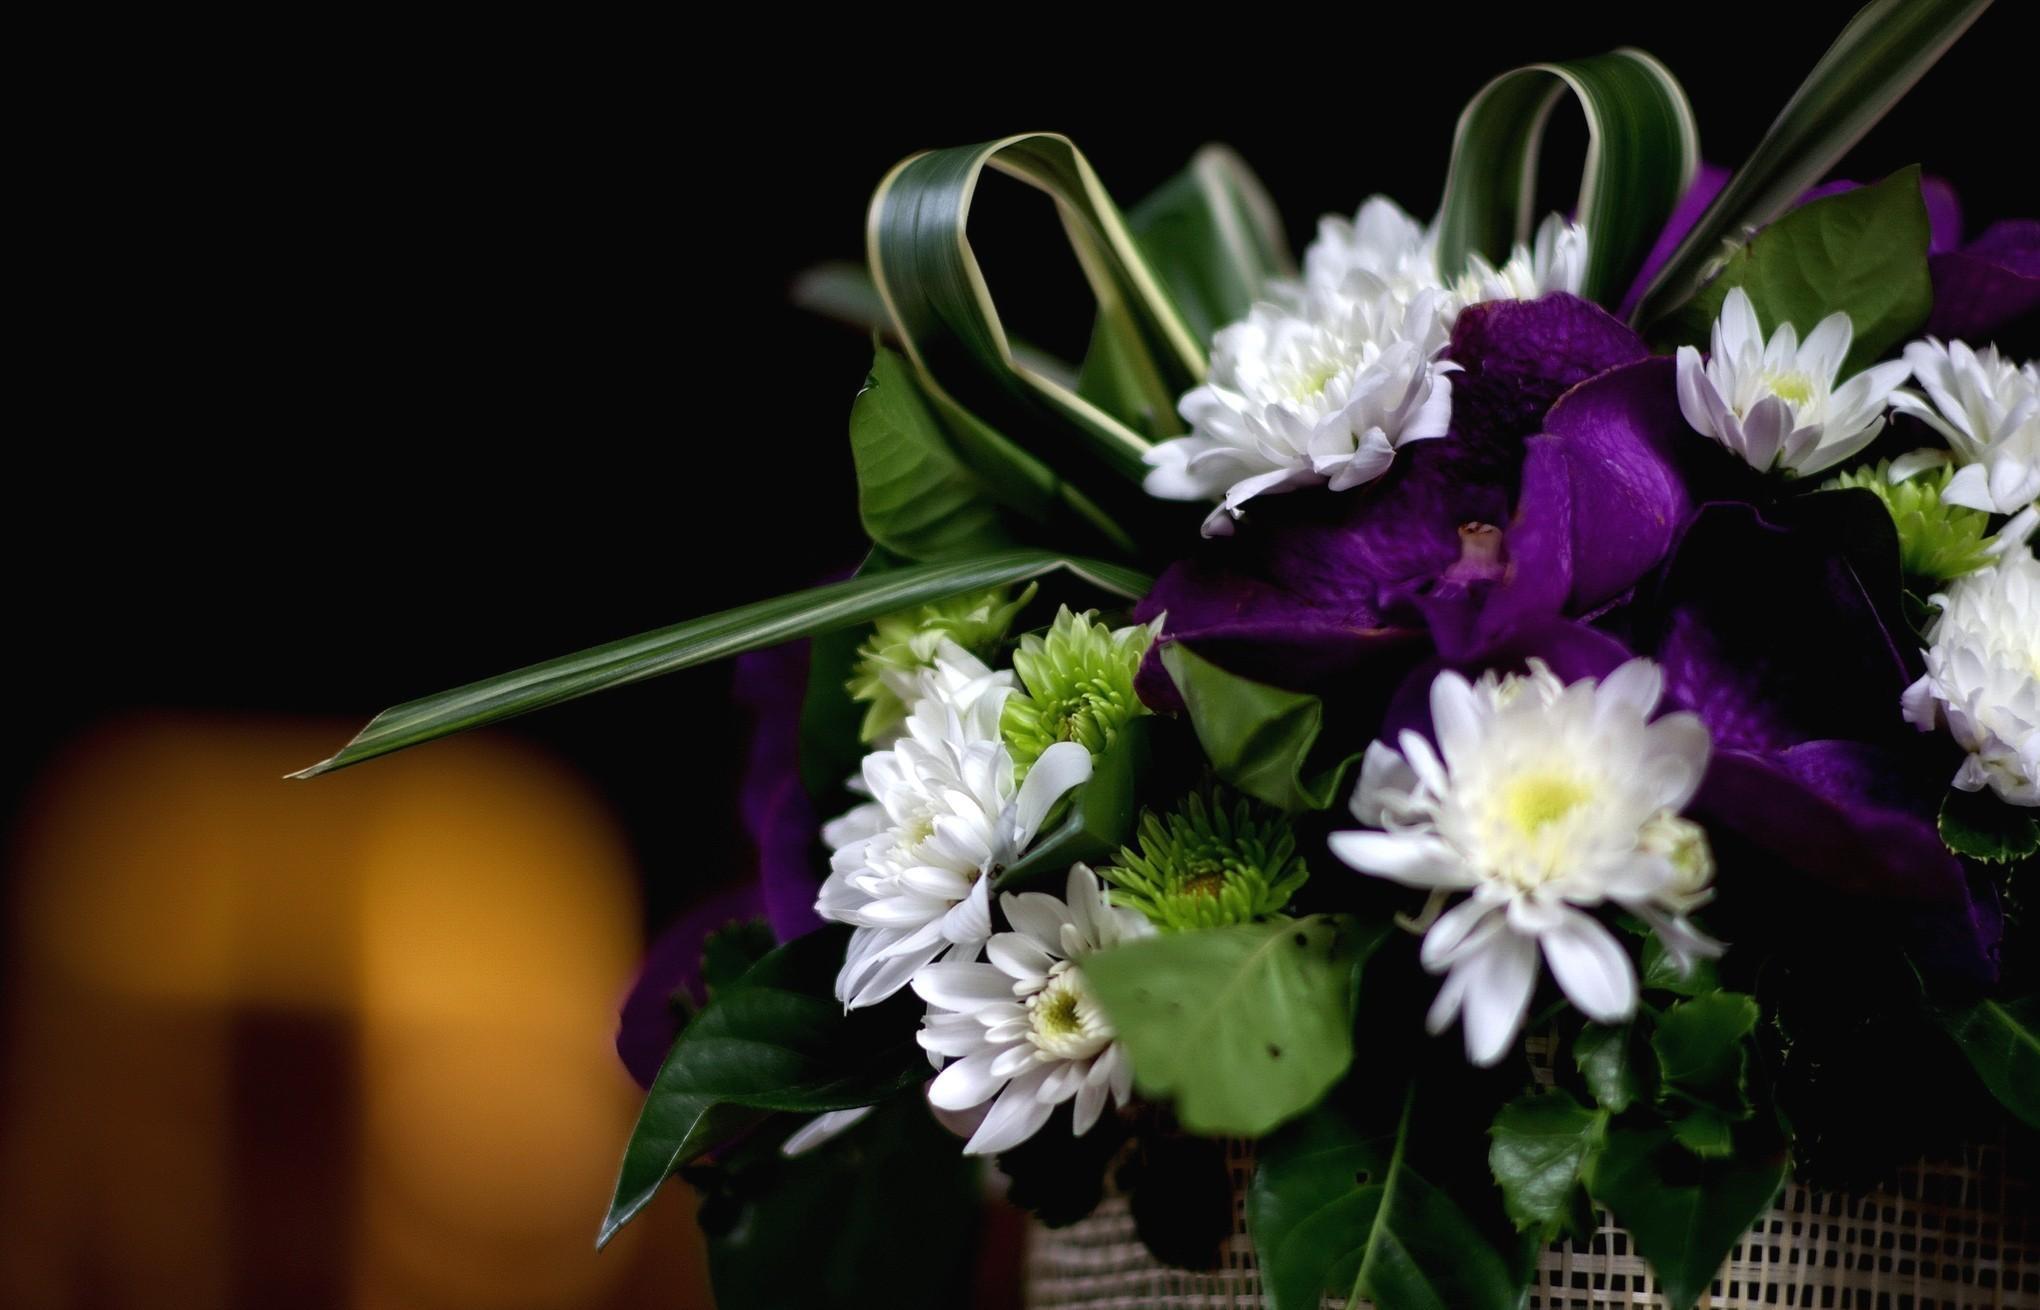 84305 скачать обои Цветы, Орхидеи, Букет, Зелень, Хризантемы - заставки и картинки бесплатно